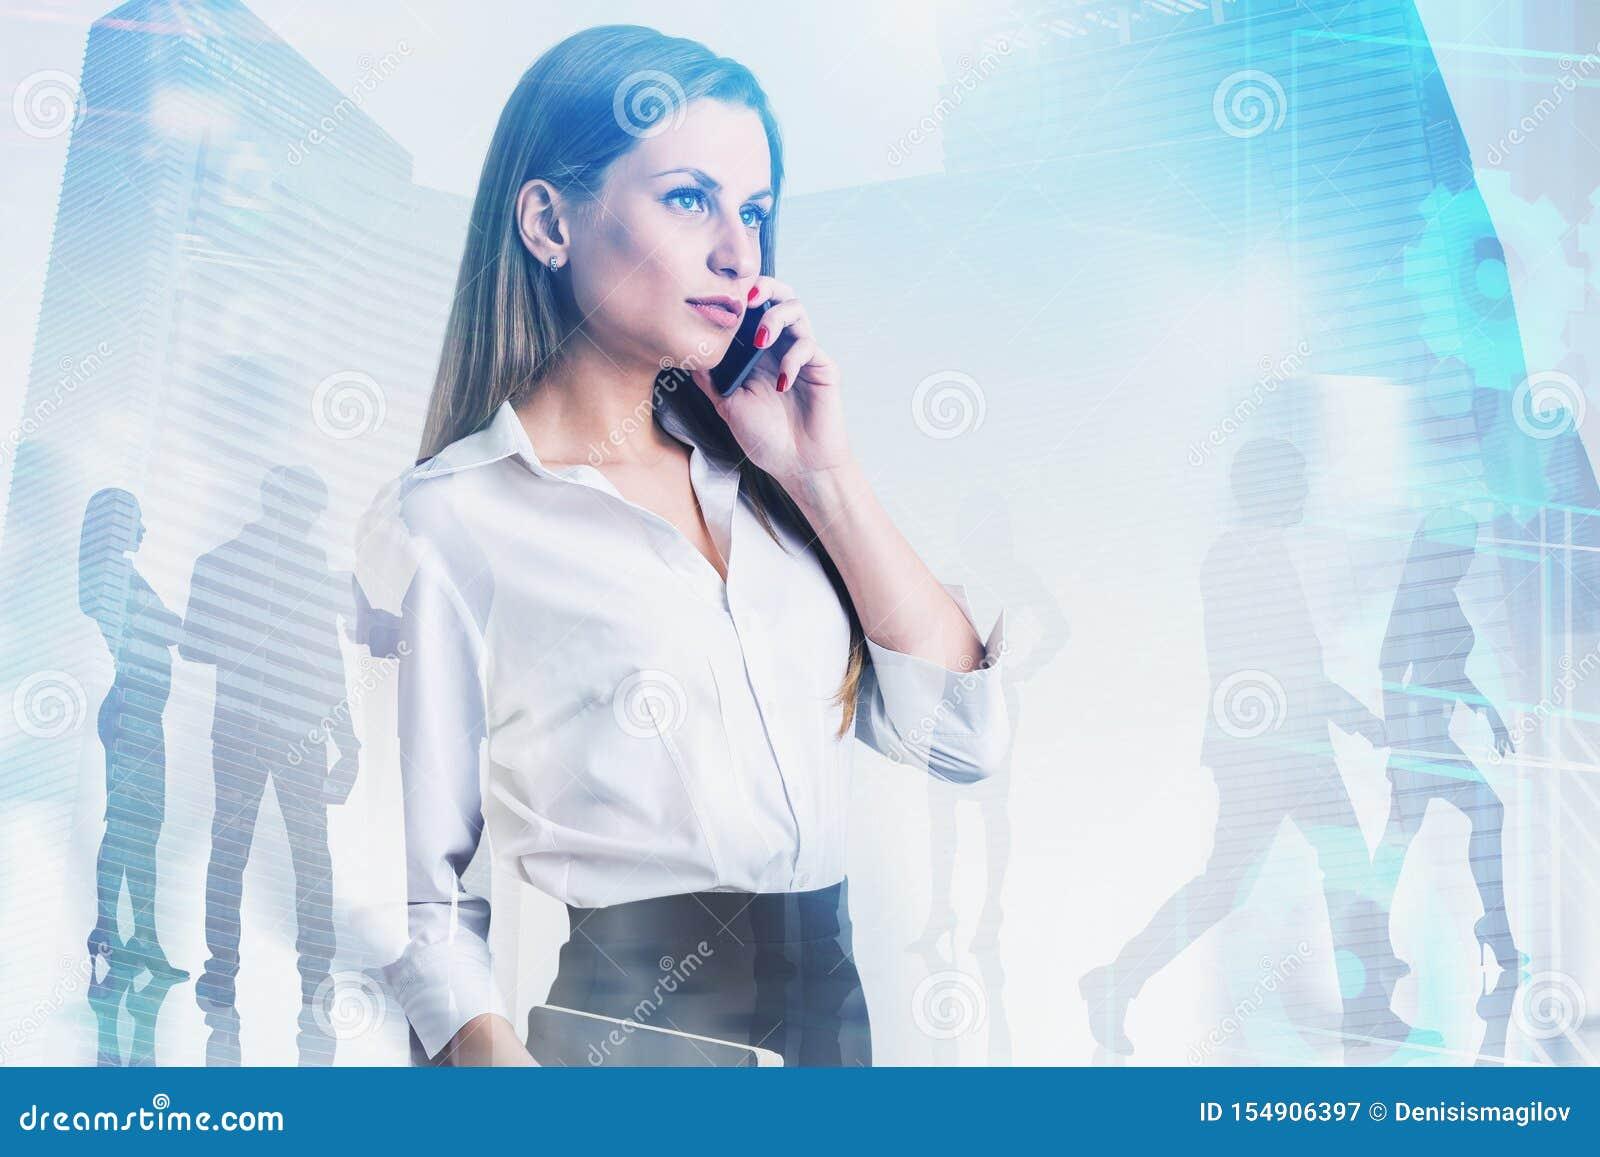 Líder de negócio seguro da mulher, ícones do Internet